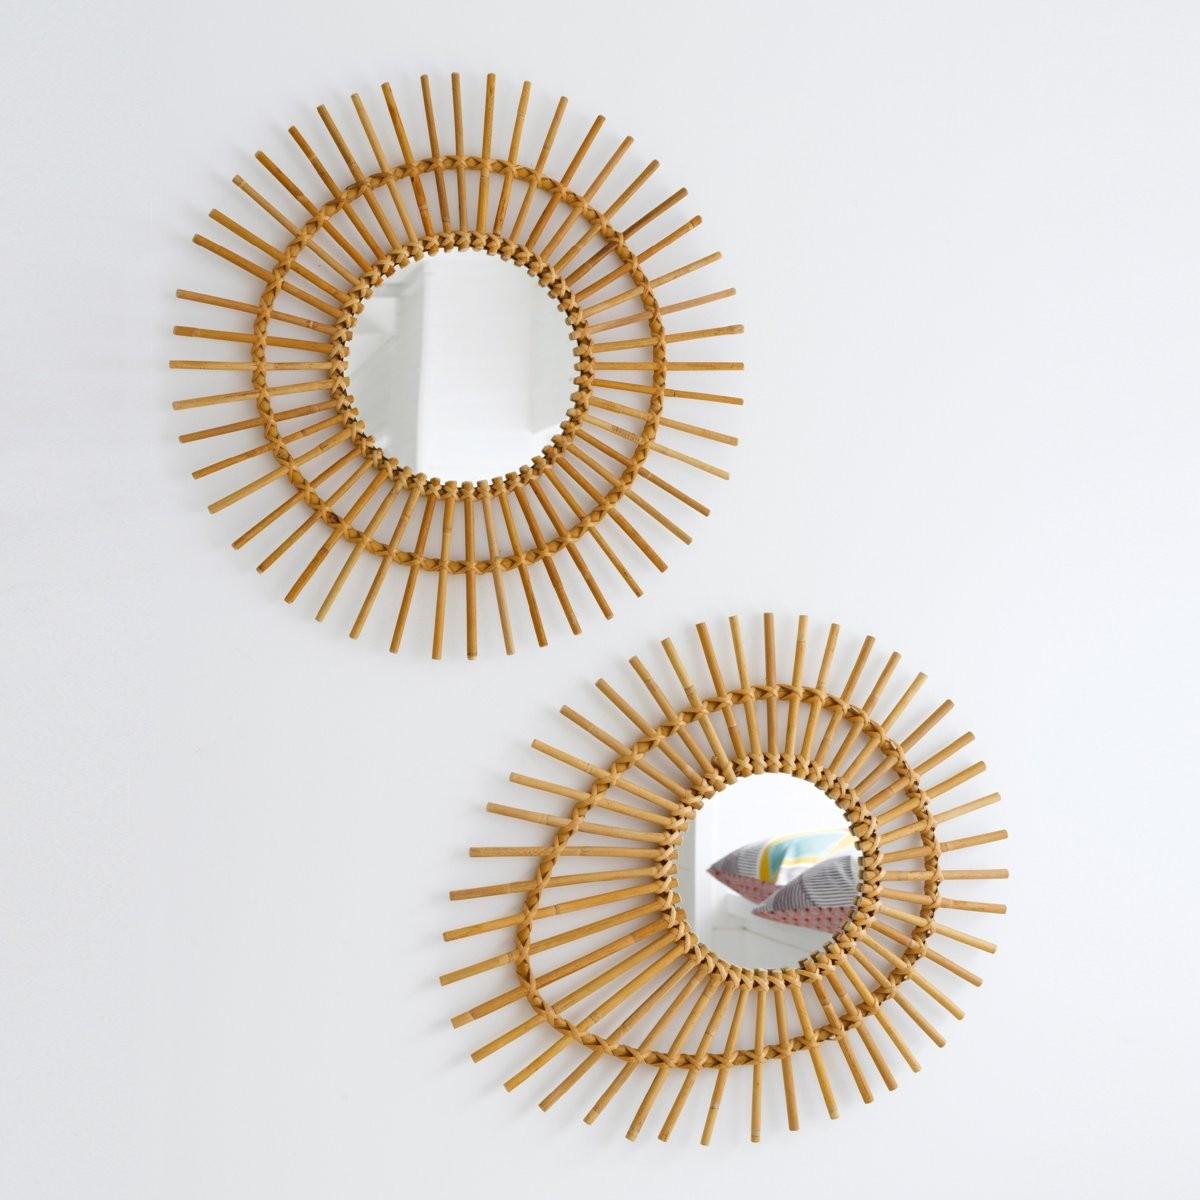 Rattan mirrors  - £69 - La Redoute